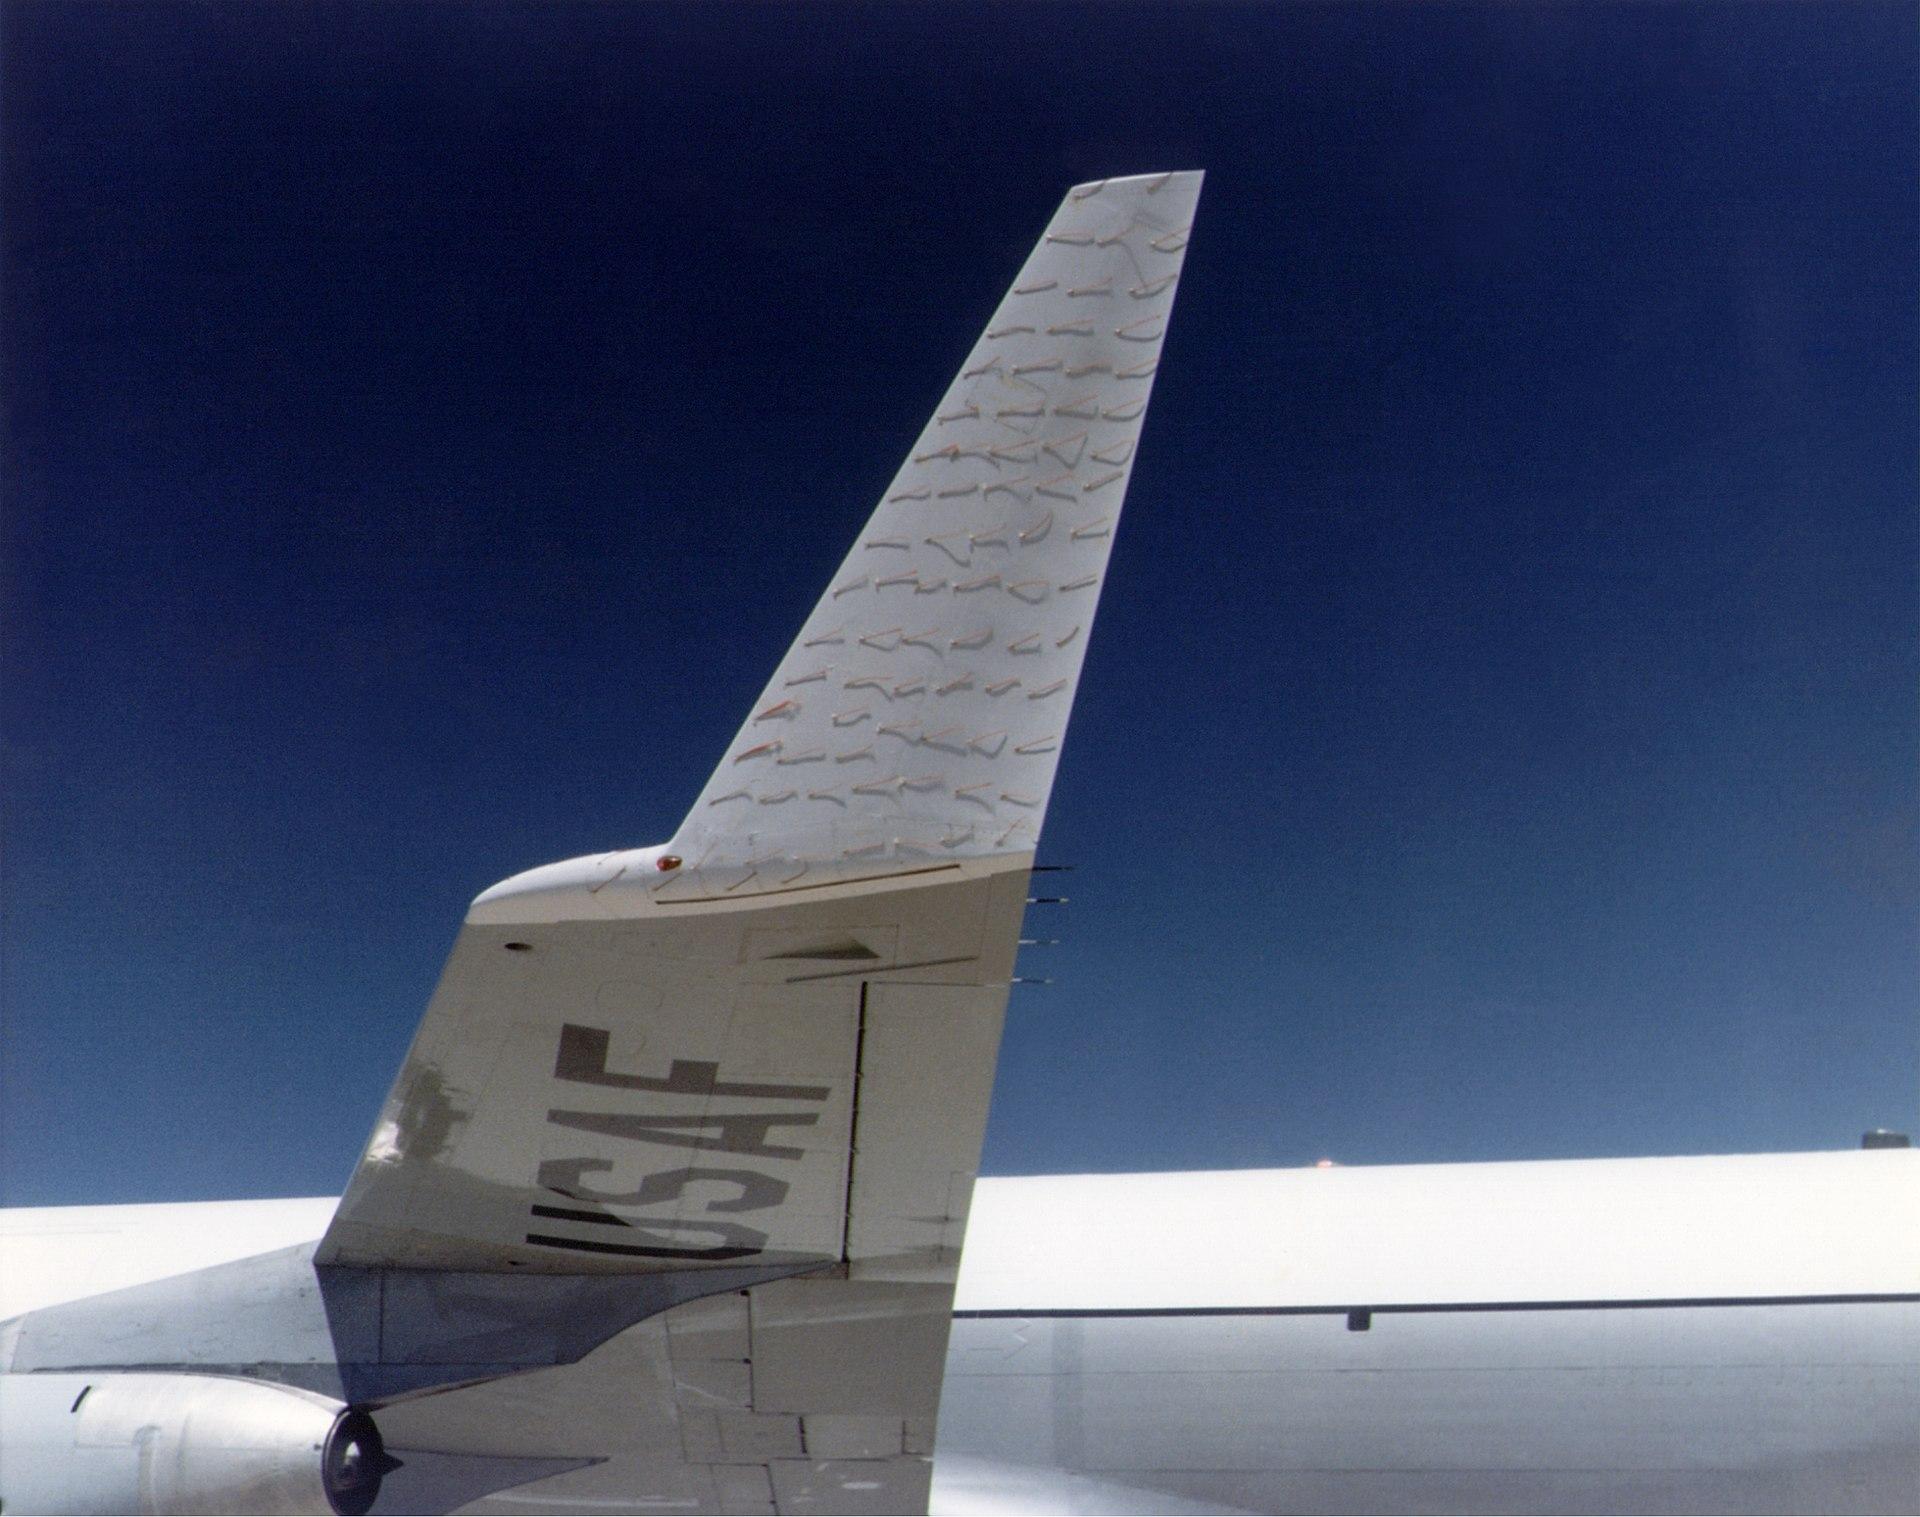 USAF testing a wingtip expansino